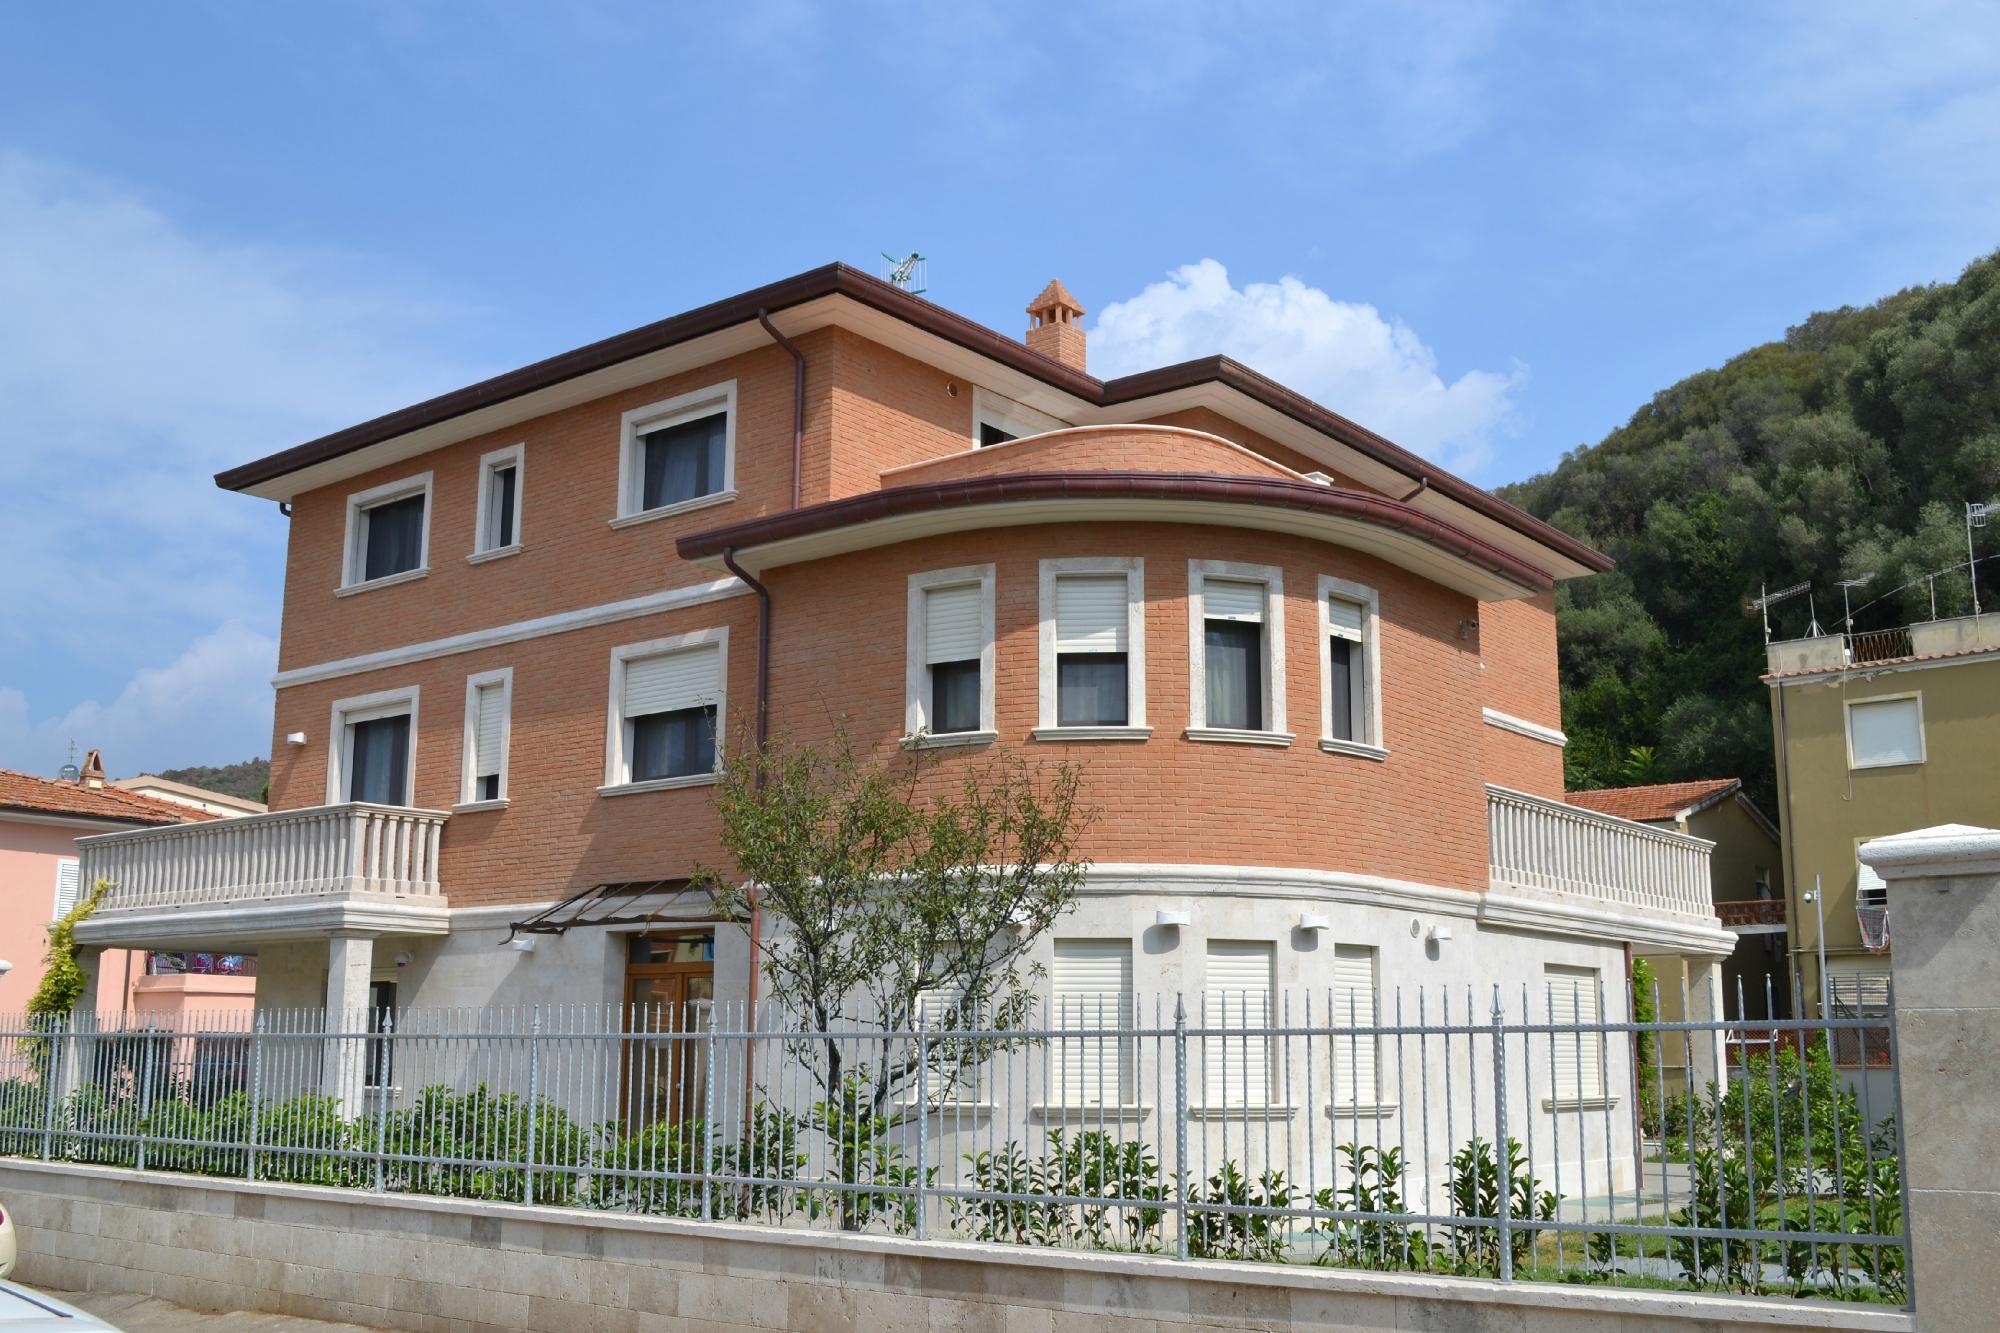 Bagno Balena Castiglione Della Pescaia Prezzi : Ancora appartamenti a castiglione della pescaia prezzi recensioni